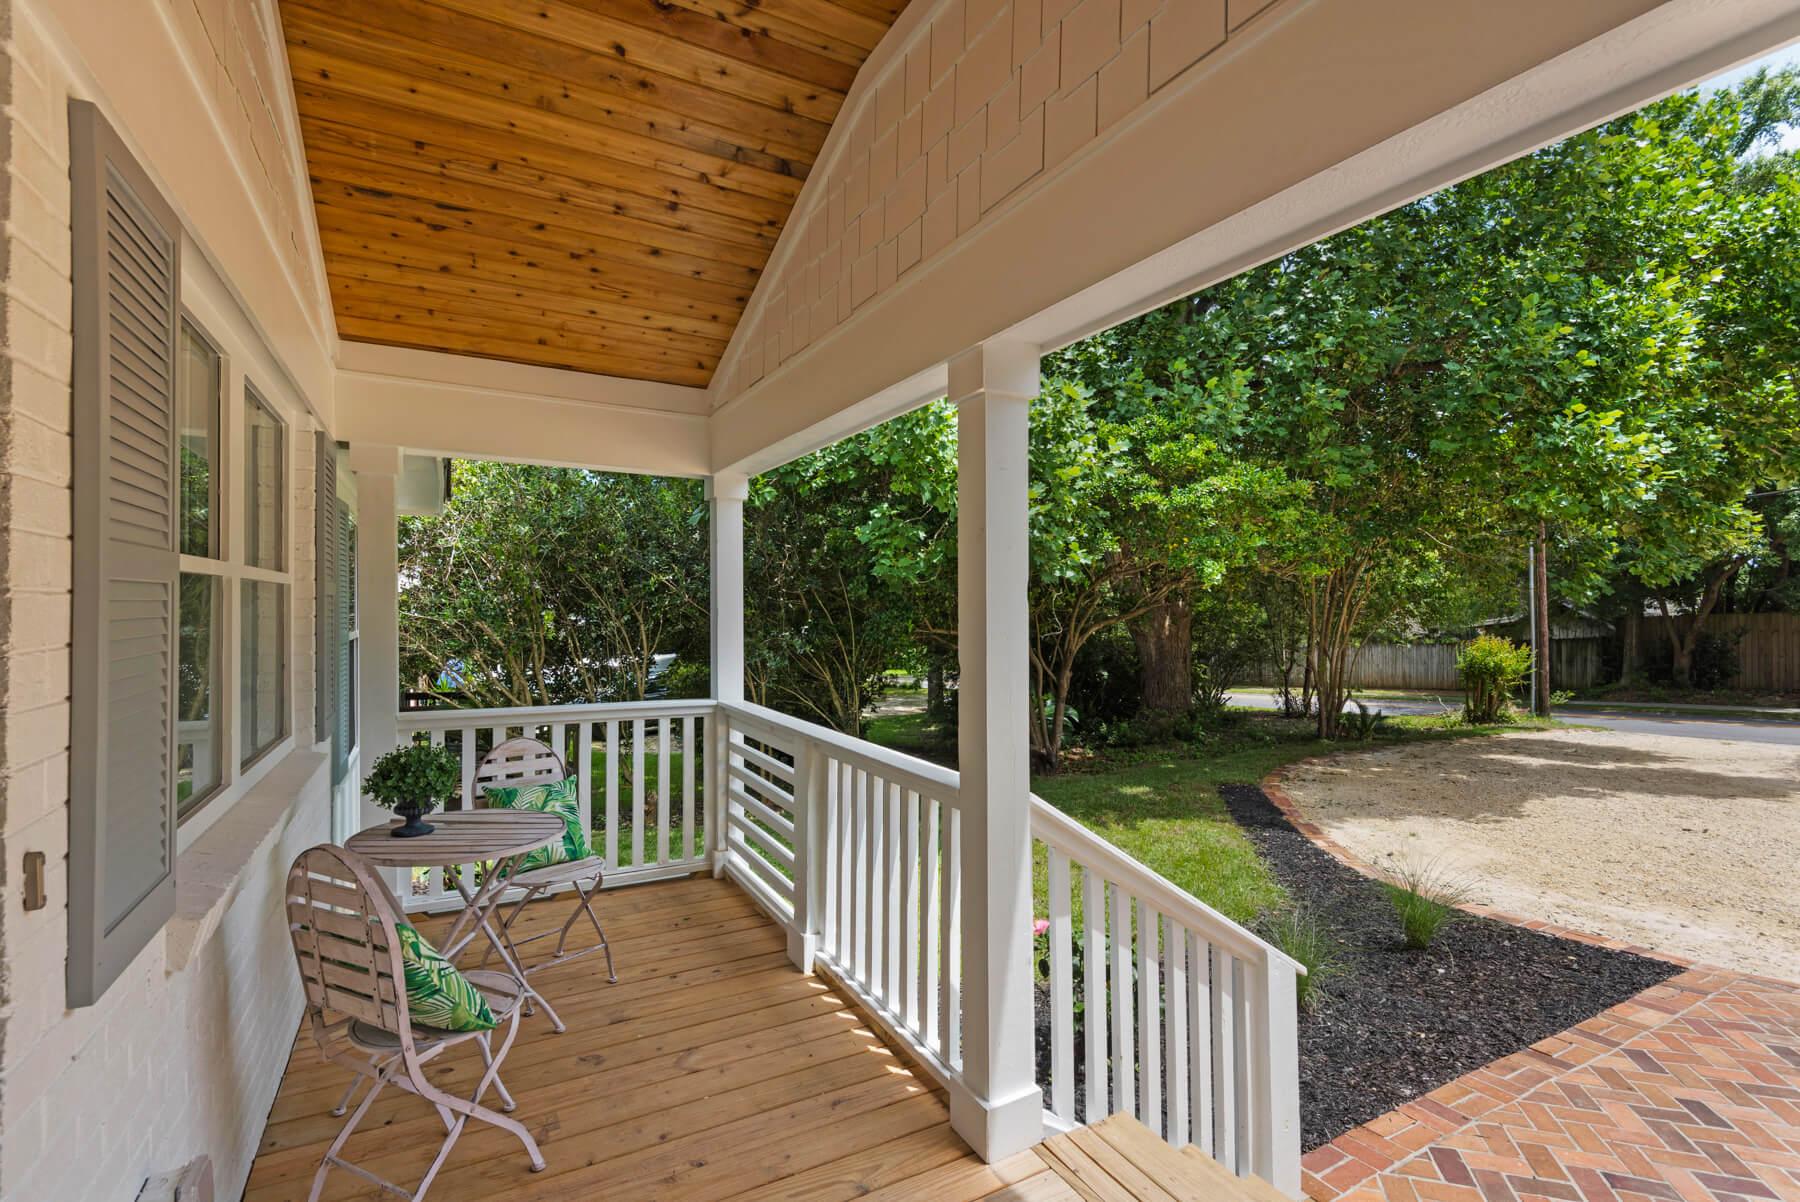 531gayfer.com movetobaldwincounty.com Urban Property 337